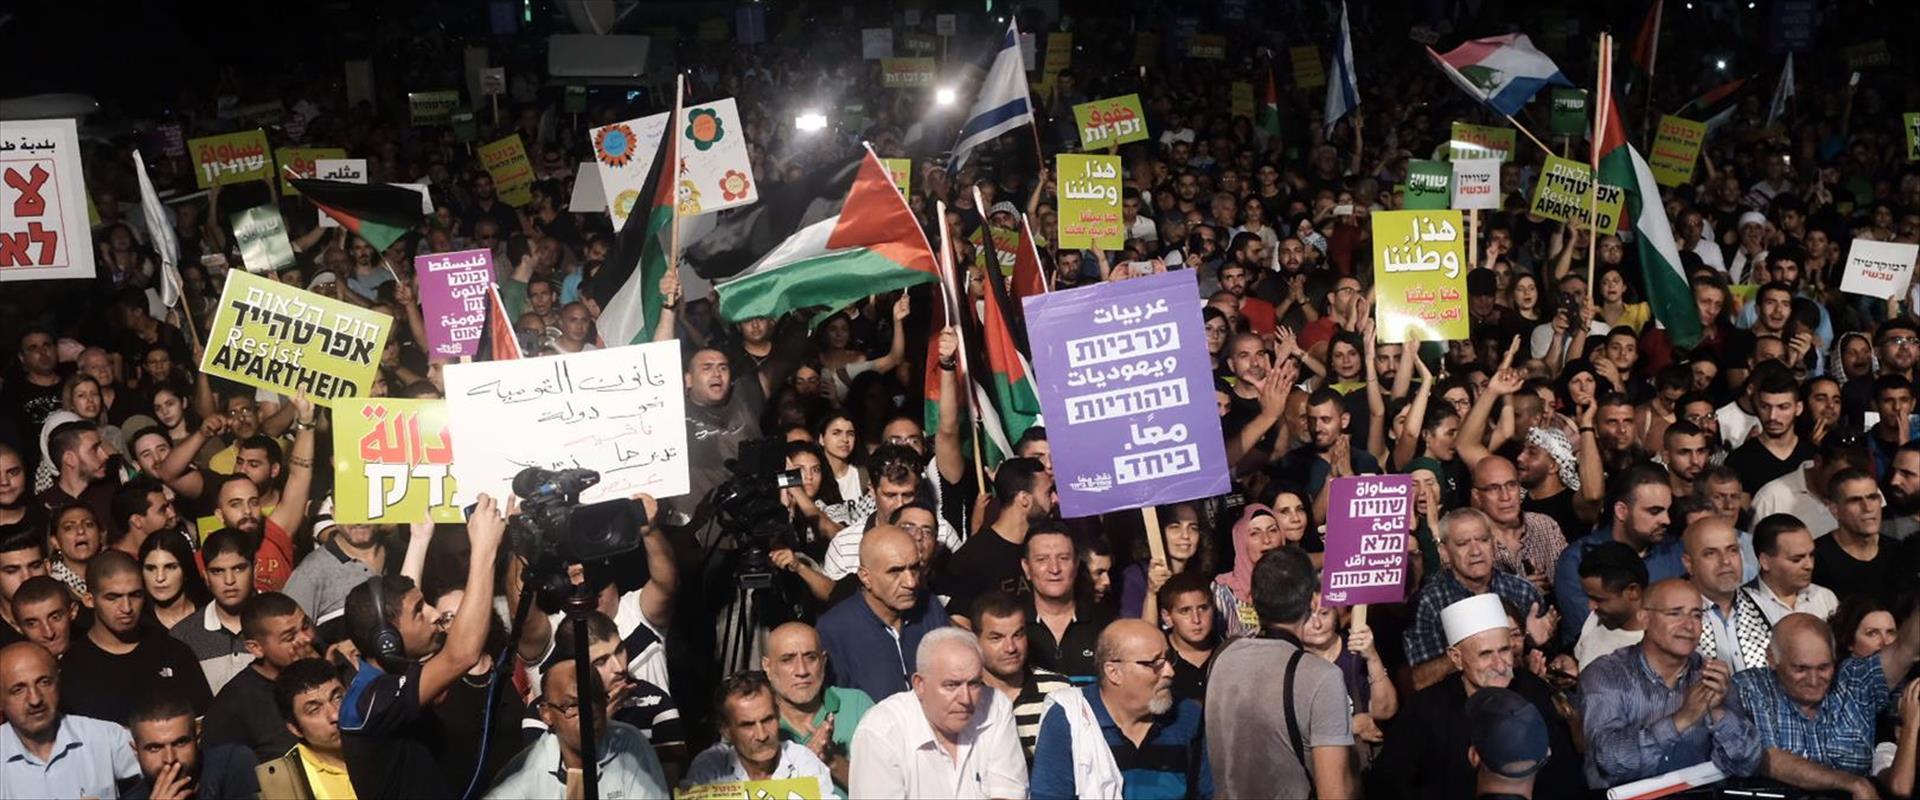 מחאה נגד חוק הלאום, ארכיון